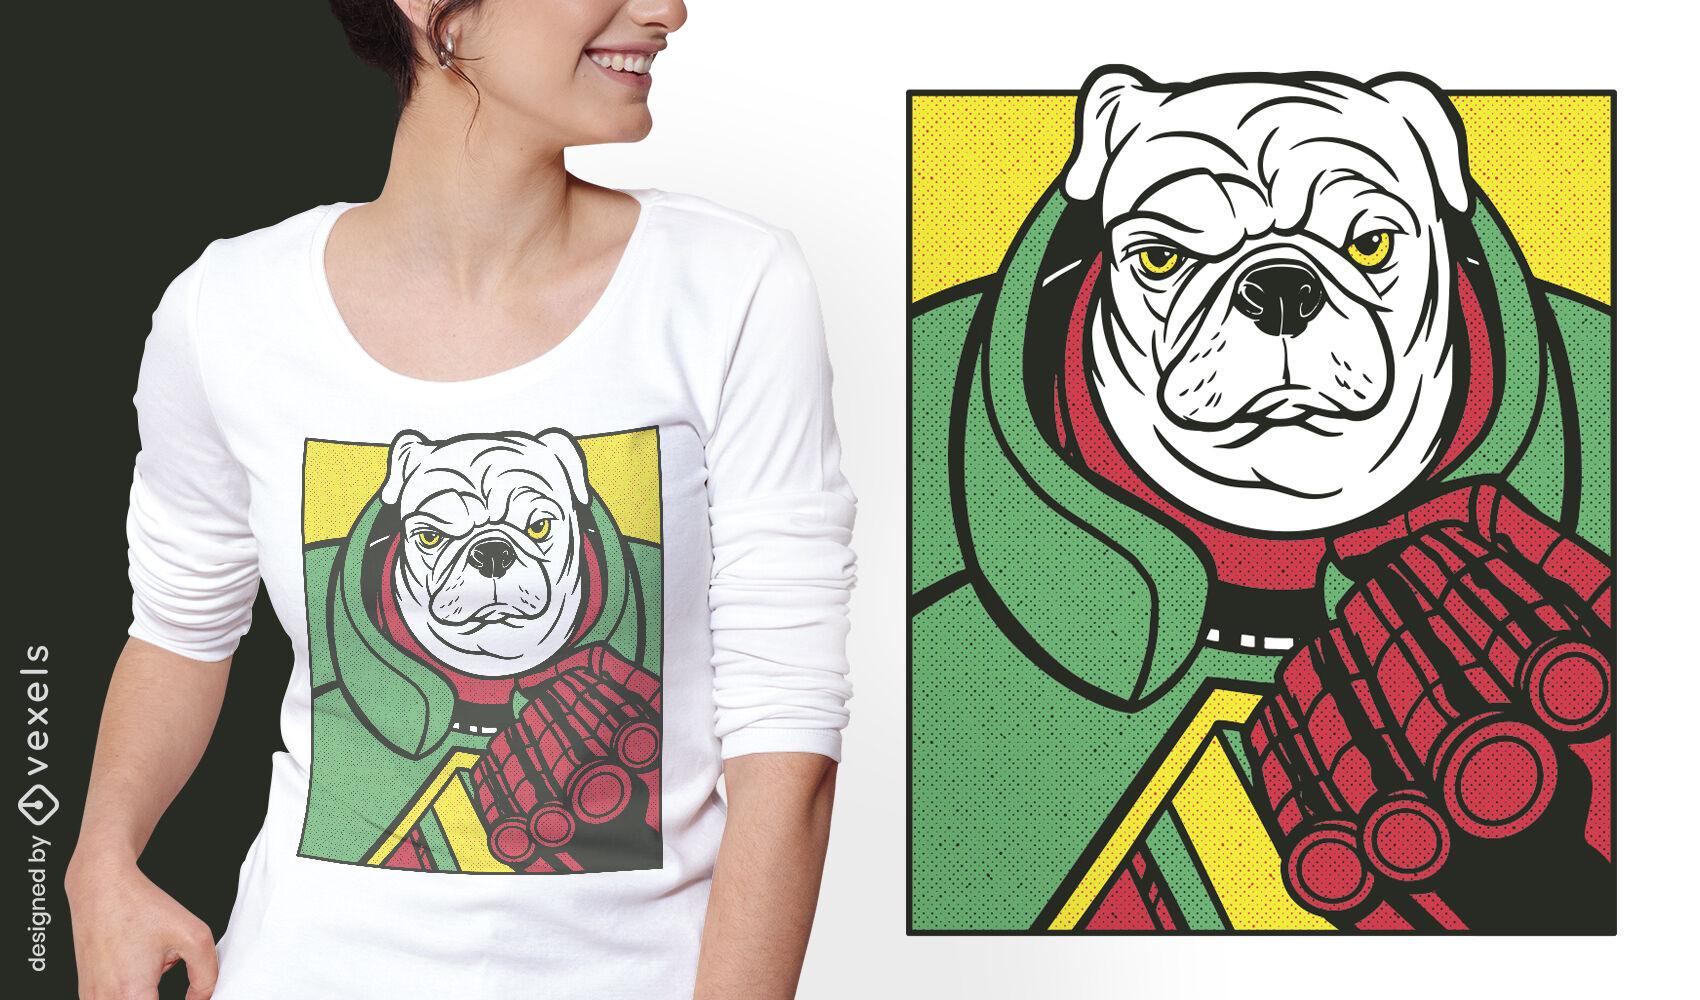 Angry dog comic character t-shirt design